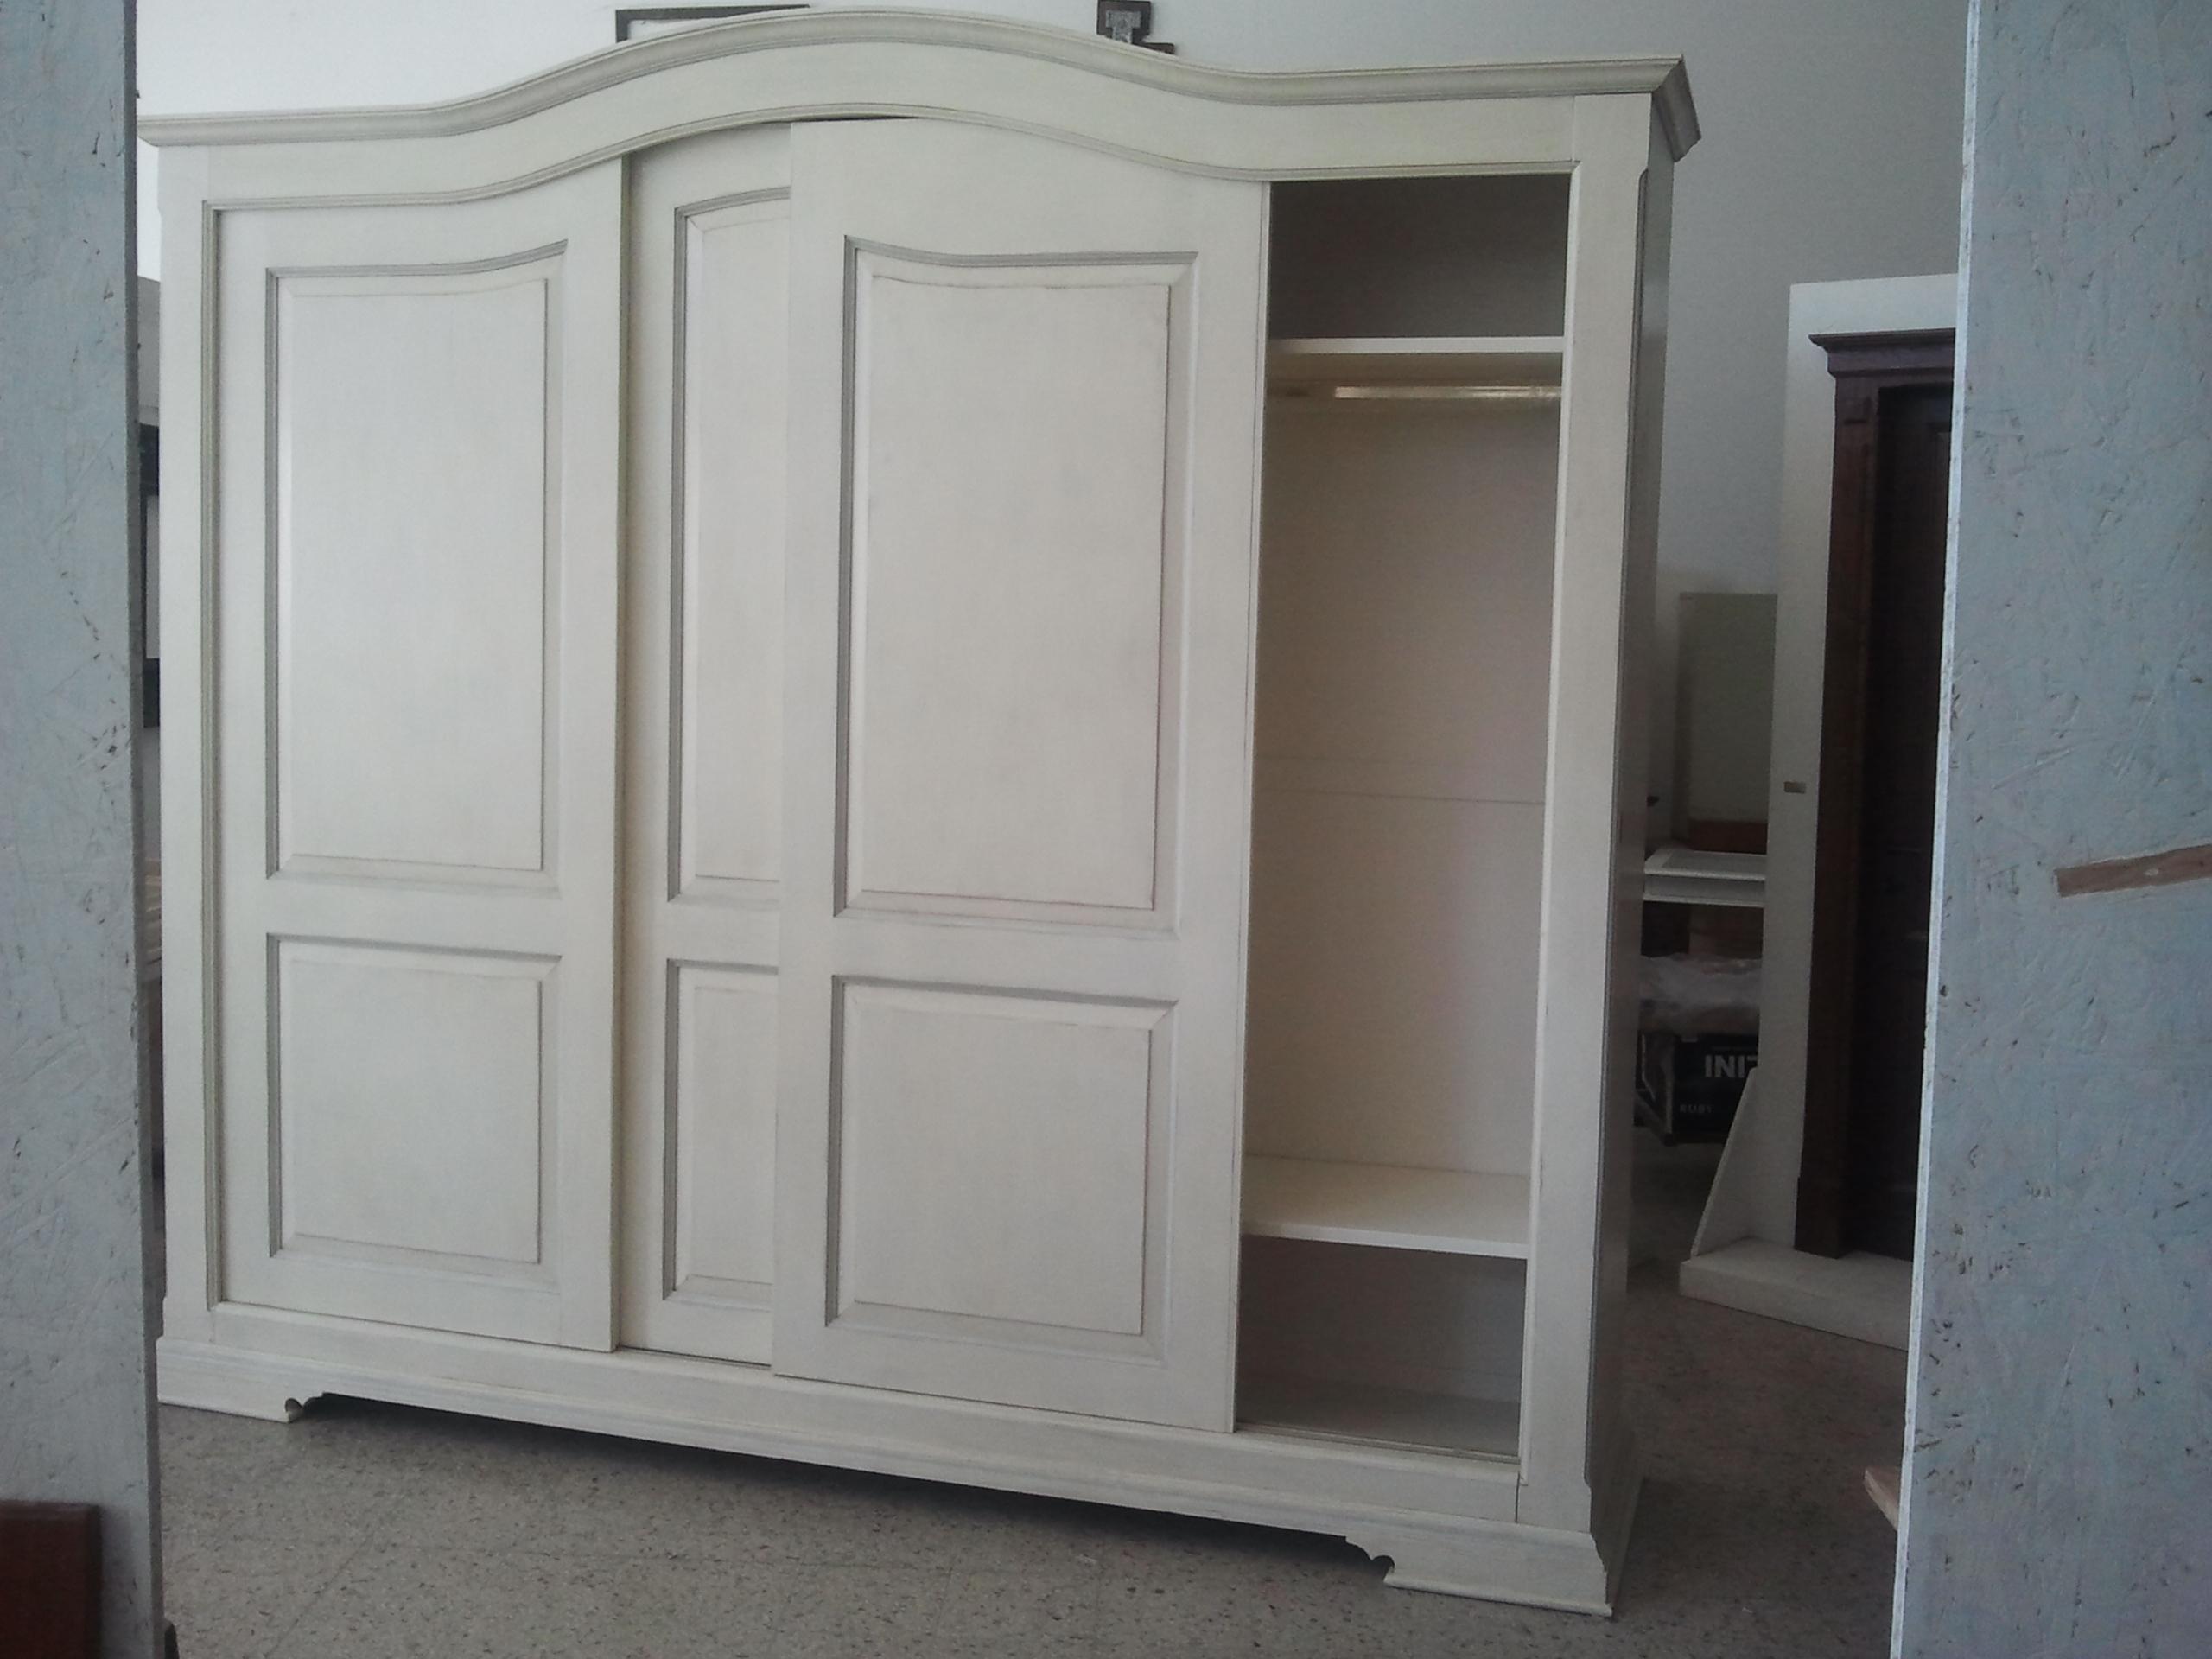 Armadio in stile provenzale|armadio su misura|legnoeoltre